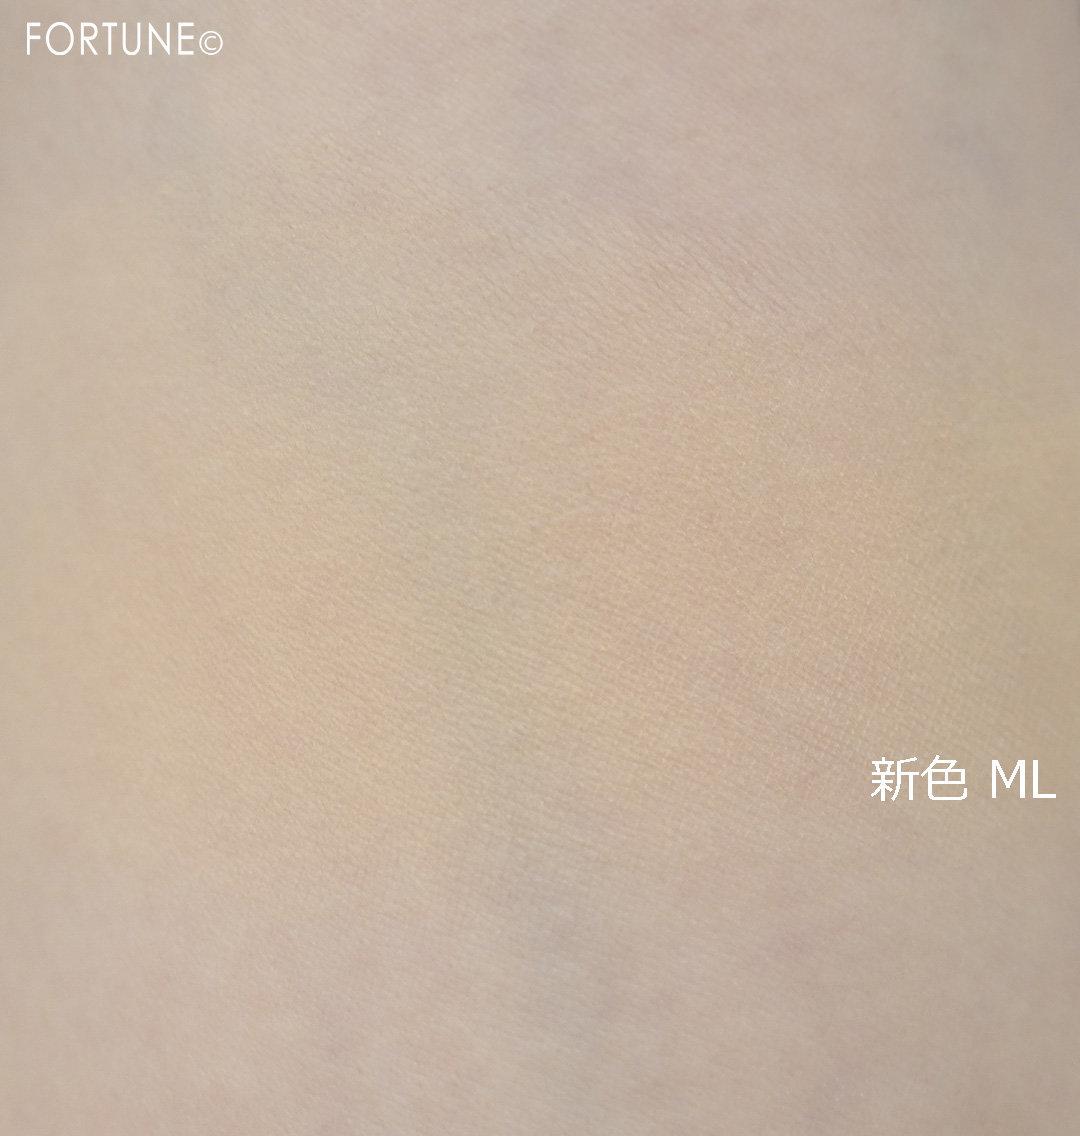 キャンメイク「マシュマロフィニッシュファンデーション」新色 ML マットライトオークル